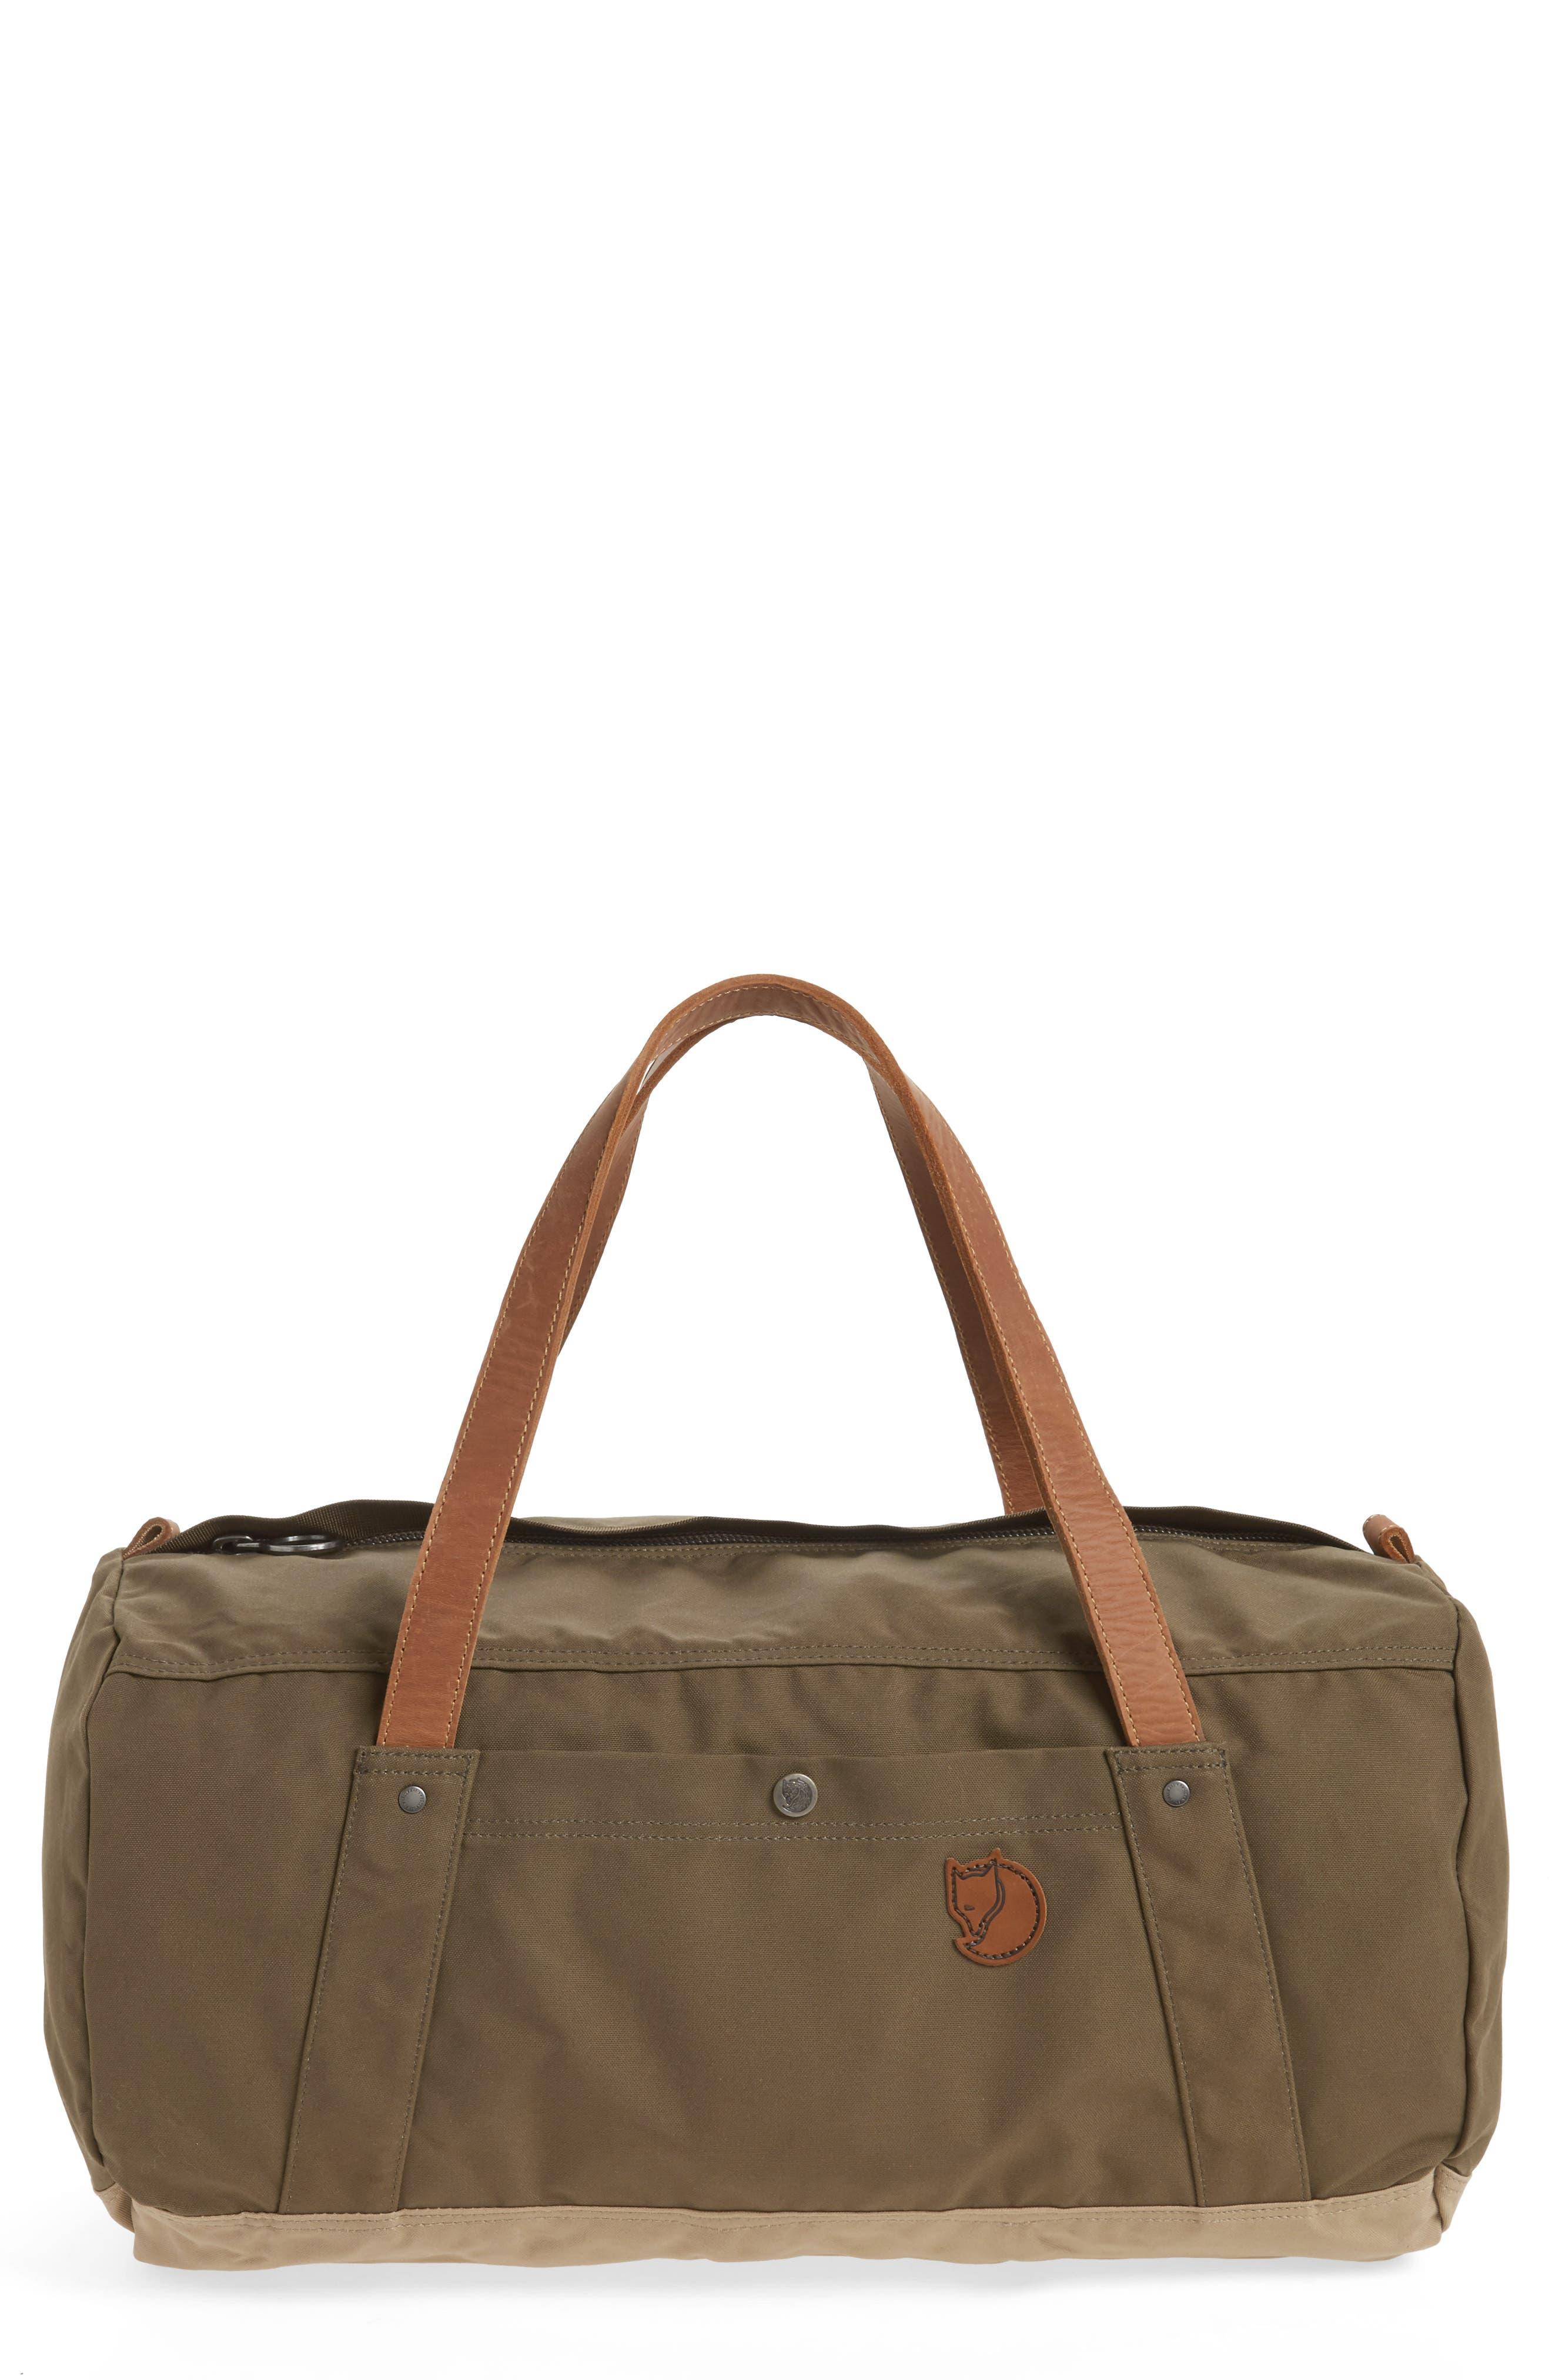 'Duffel No.4' Water Resistant Duffel Bag,                             Main thumbnail 1, color,                             283